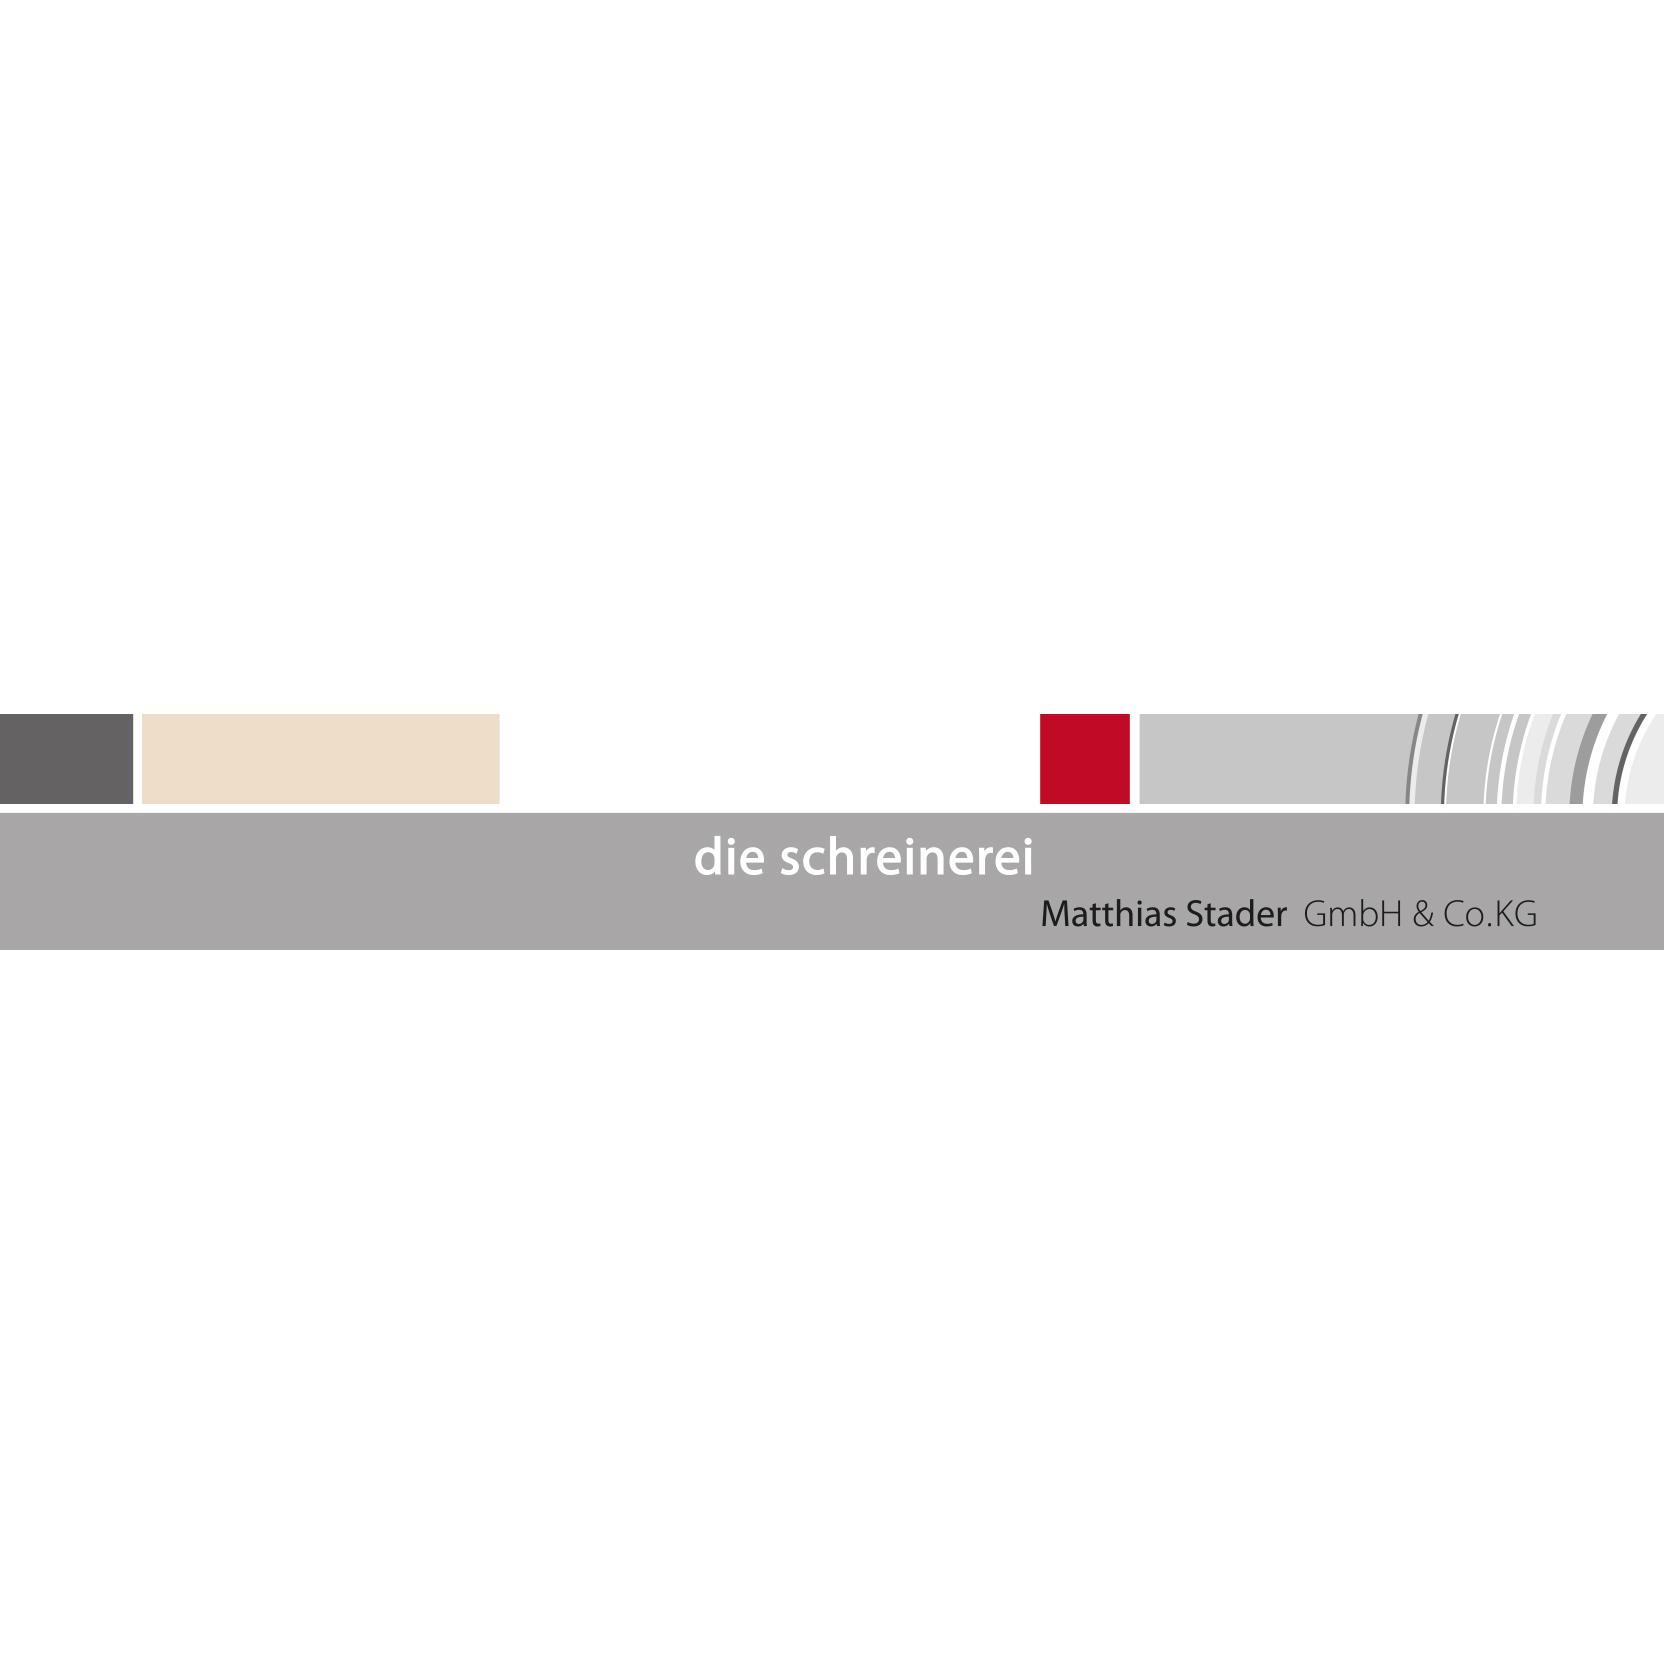 Moebel Und Inneneinrichtung Konstanz 78462 Yellowmap